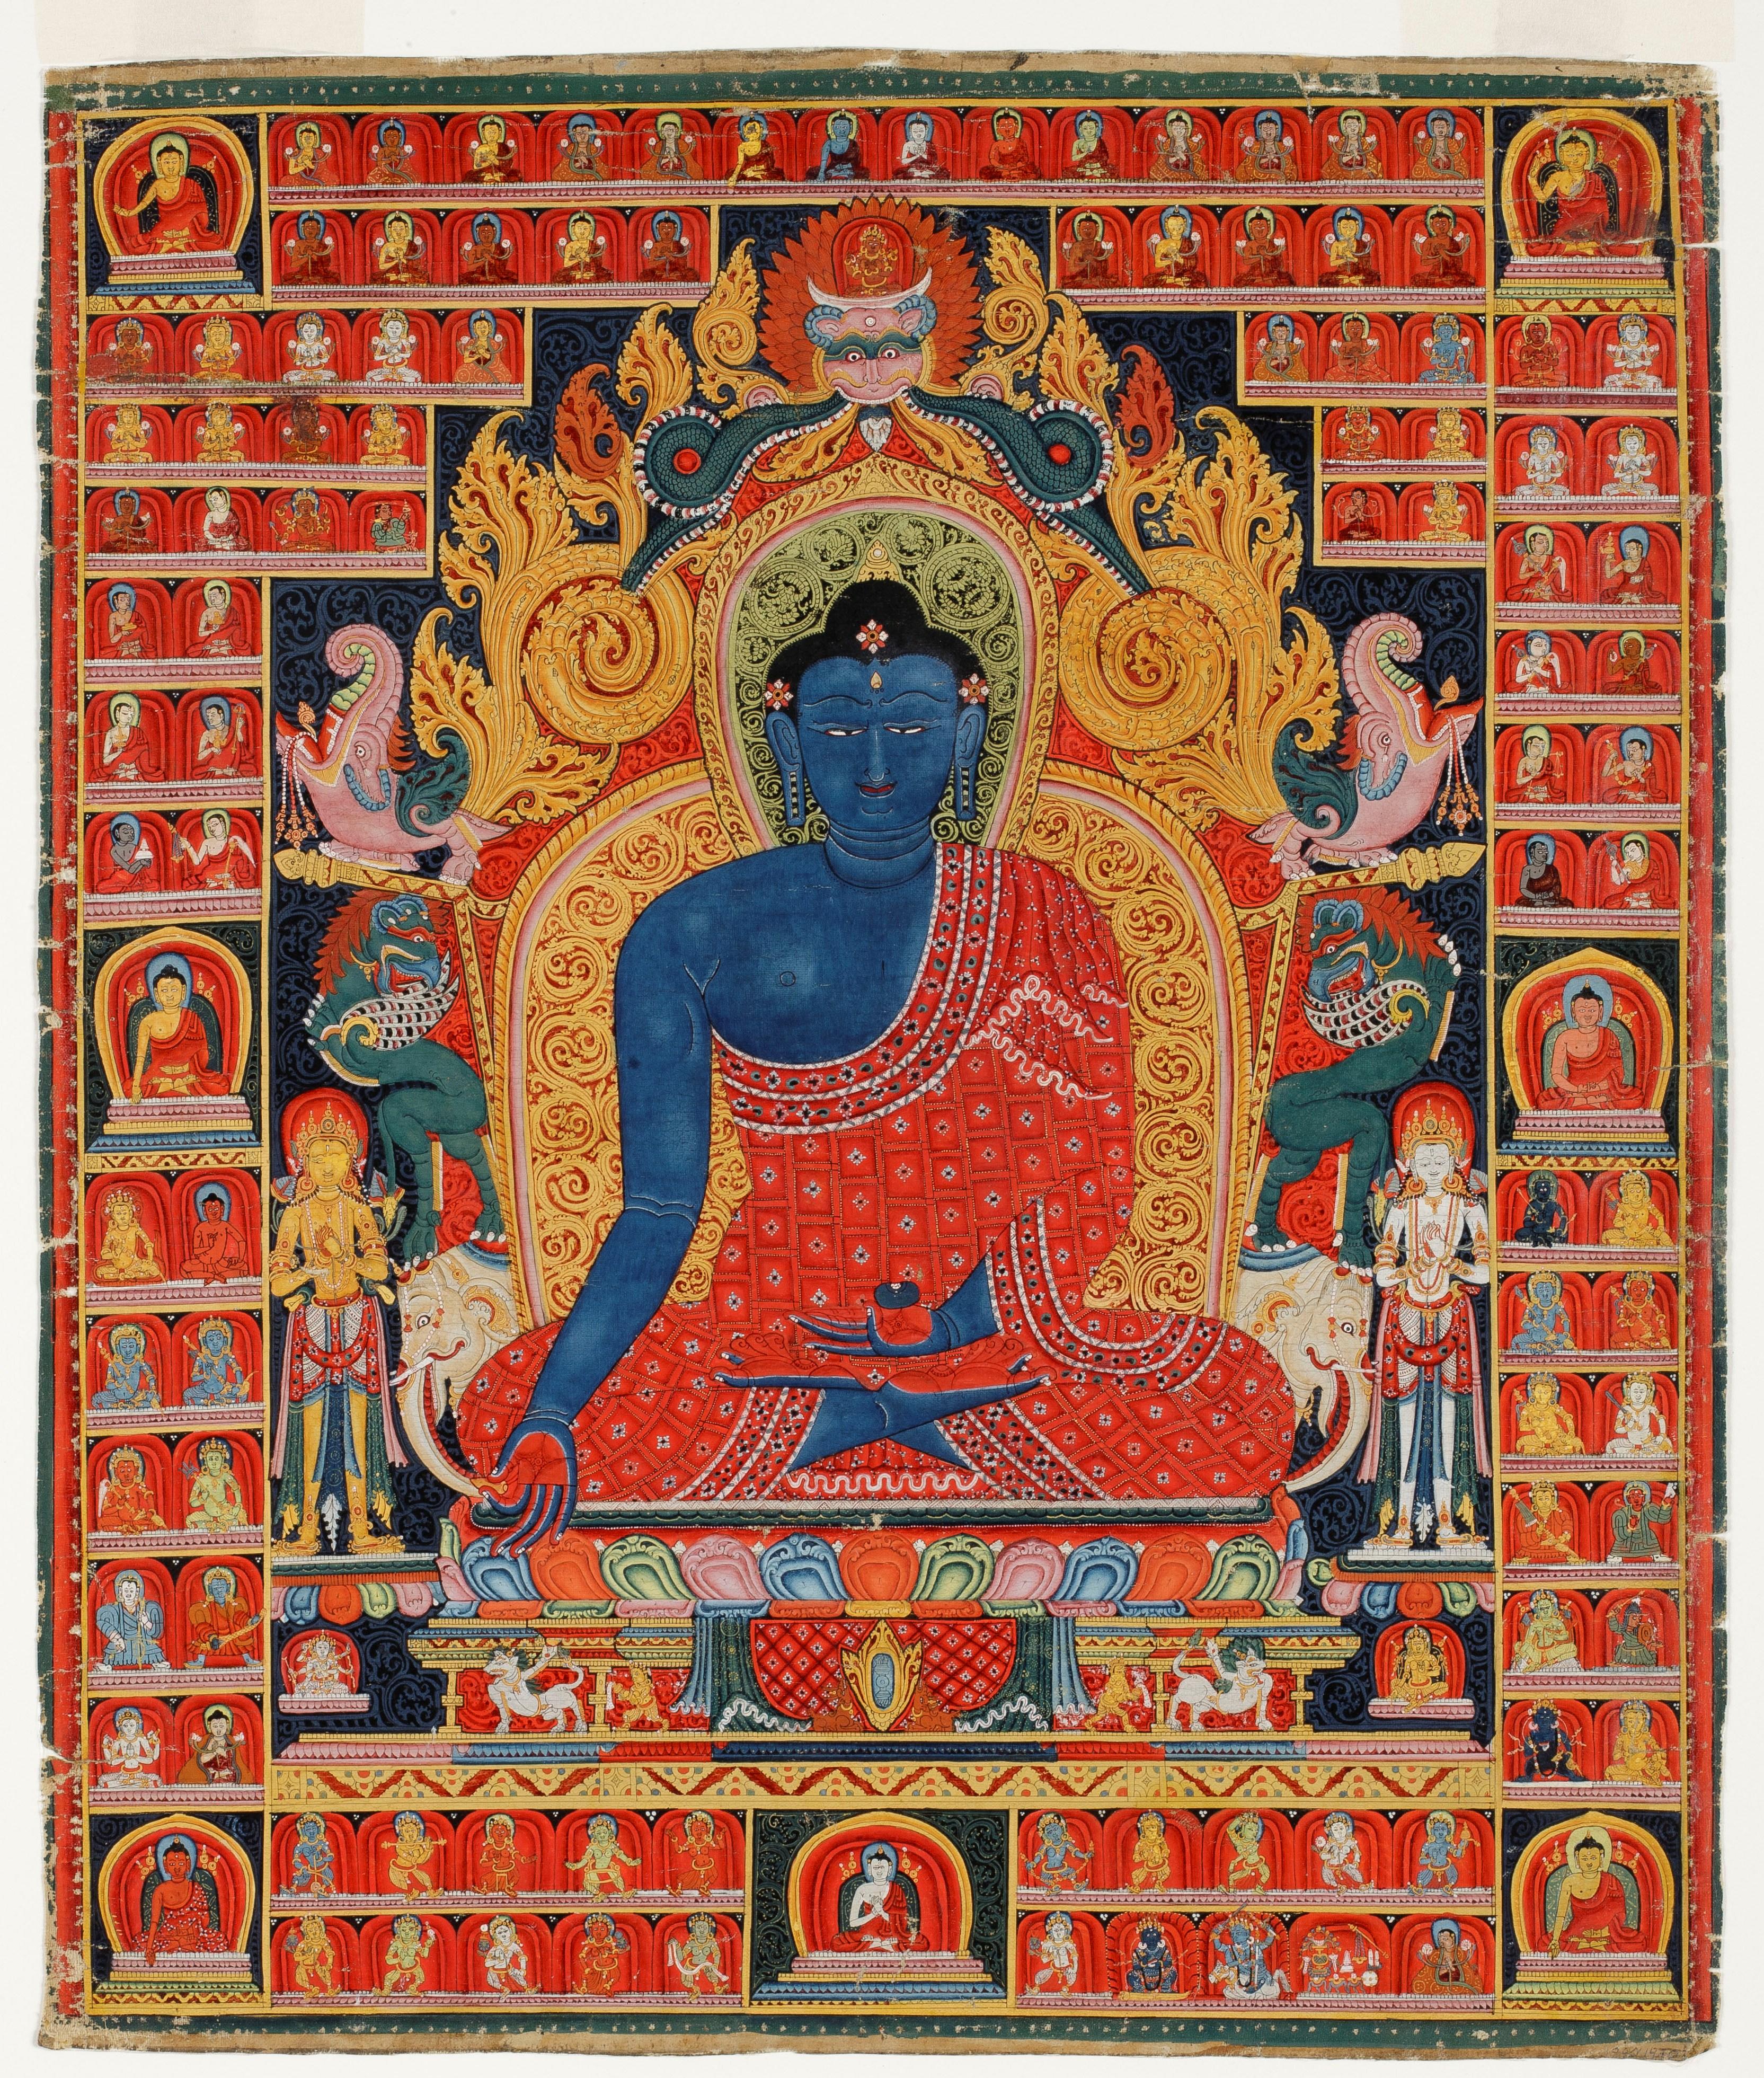 Arte de la India llega al Museo de Antropología